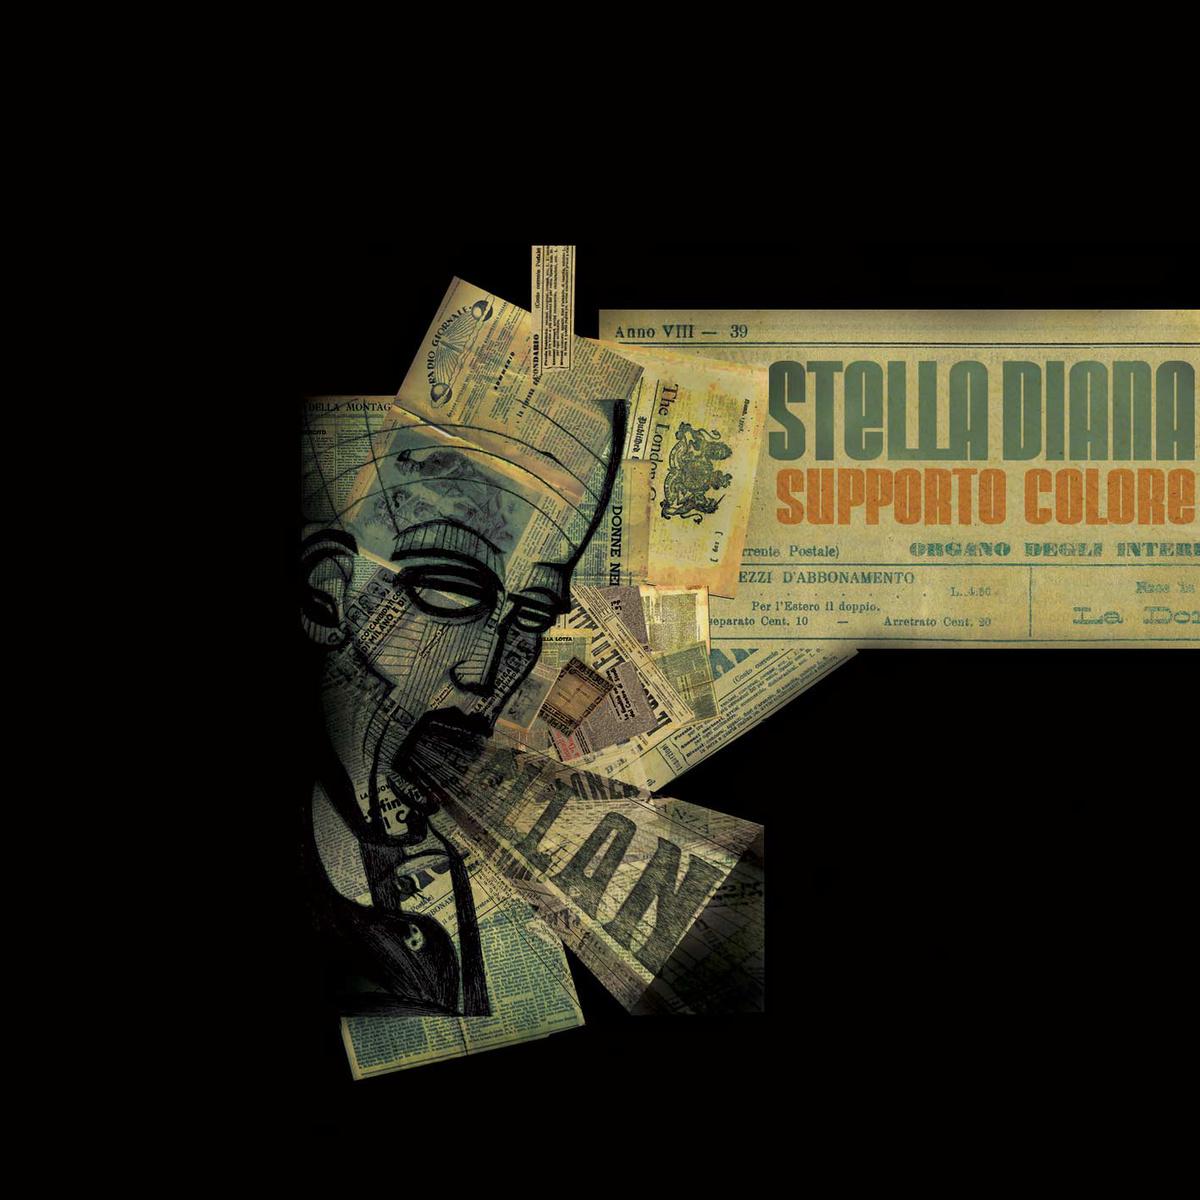 Stella Diana — Supporto Colore